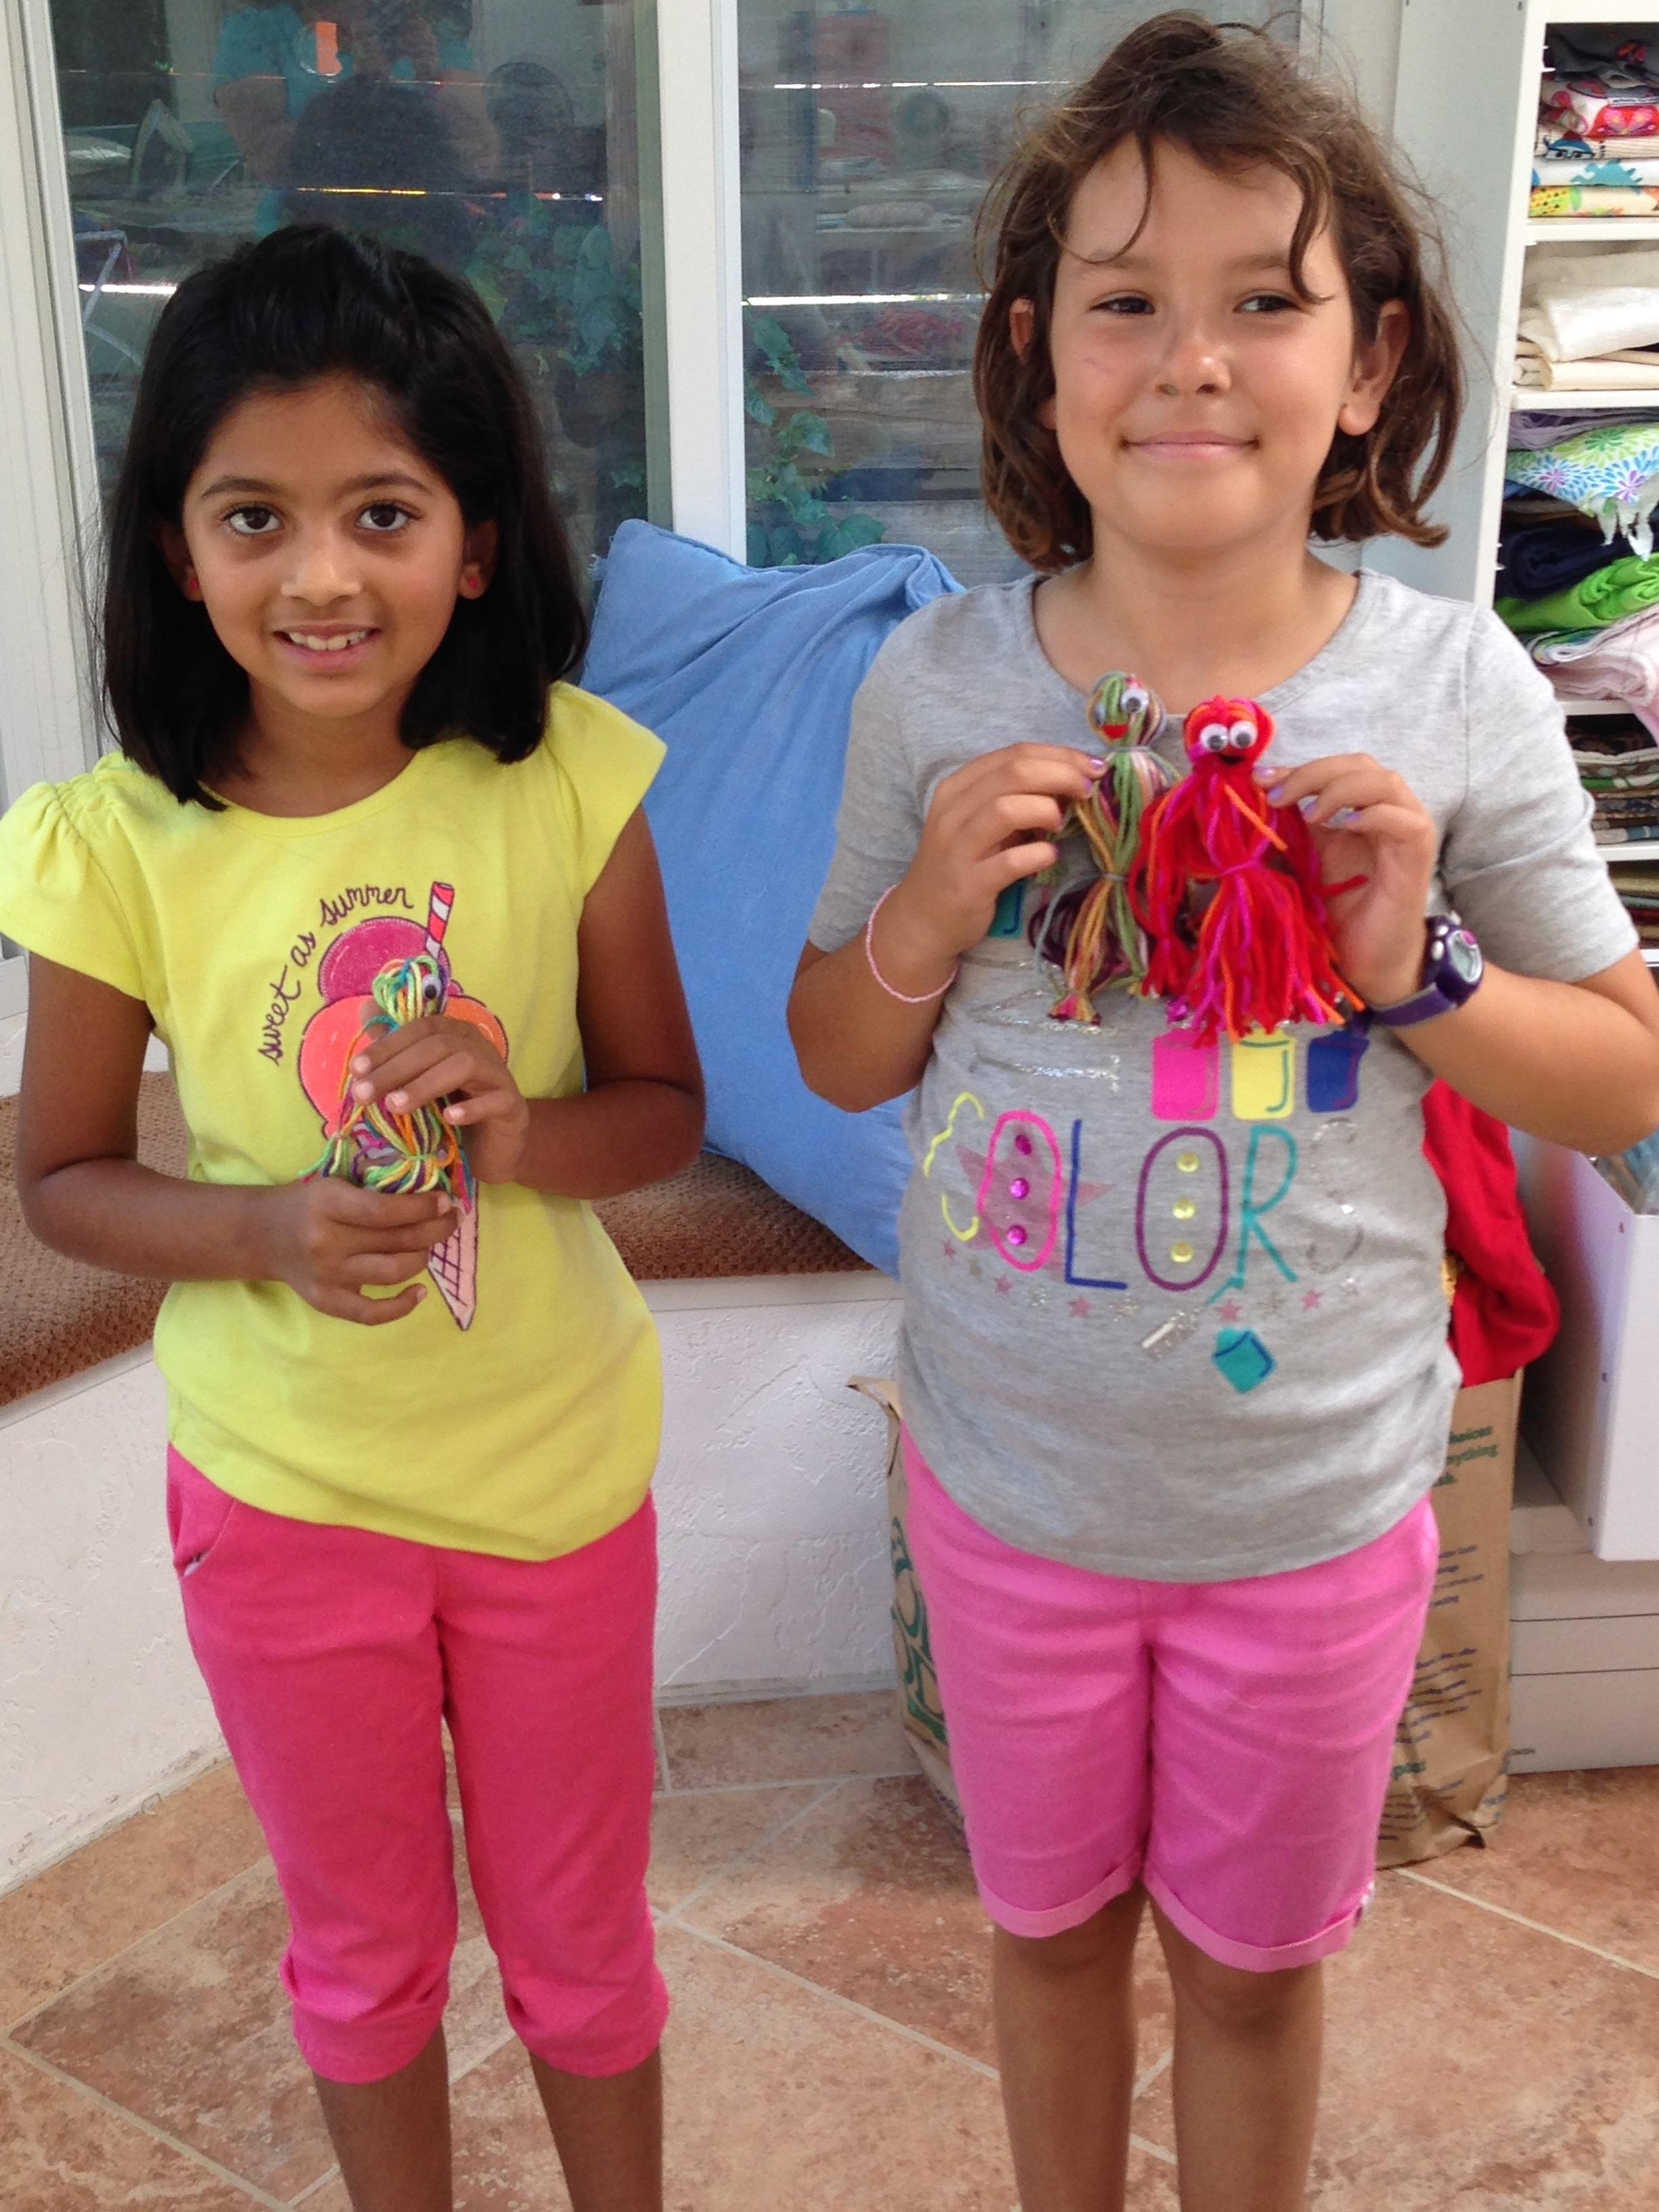 3rd and 4th grade yarn dolls.